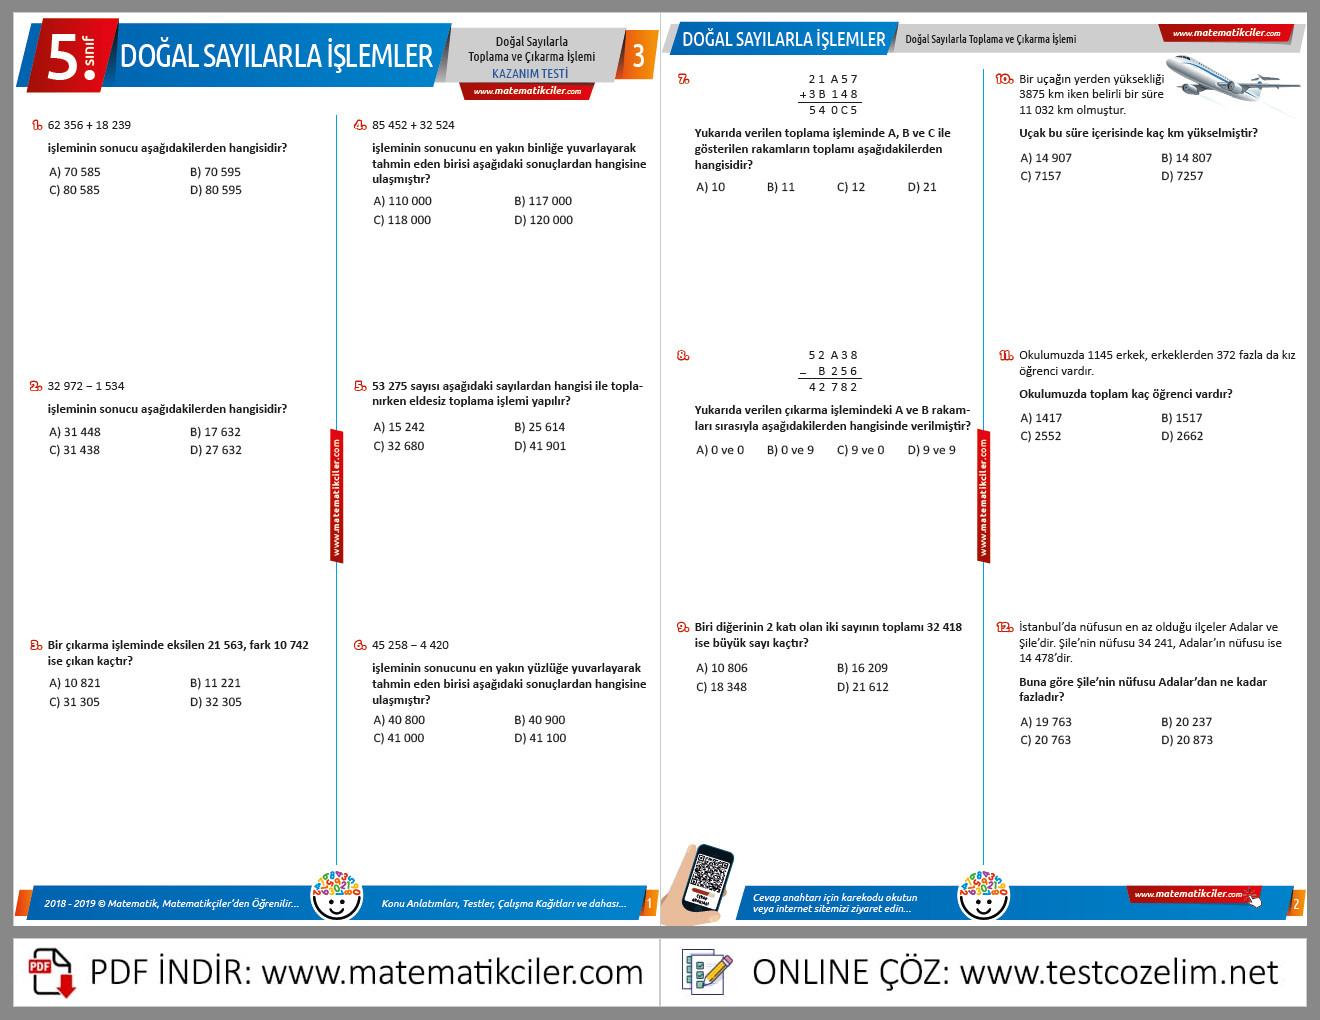 5. Sınıf Doğal Sayılarla Toplama ve Çıkarma İşlemi Testi